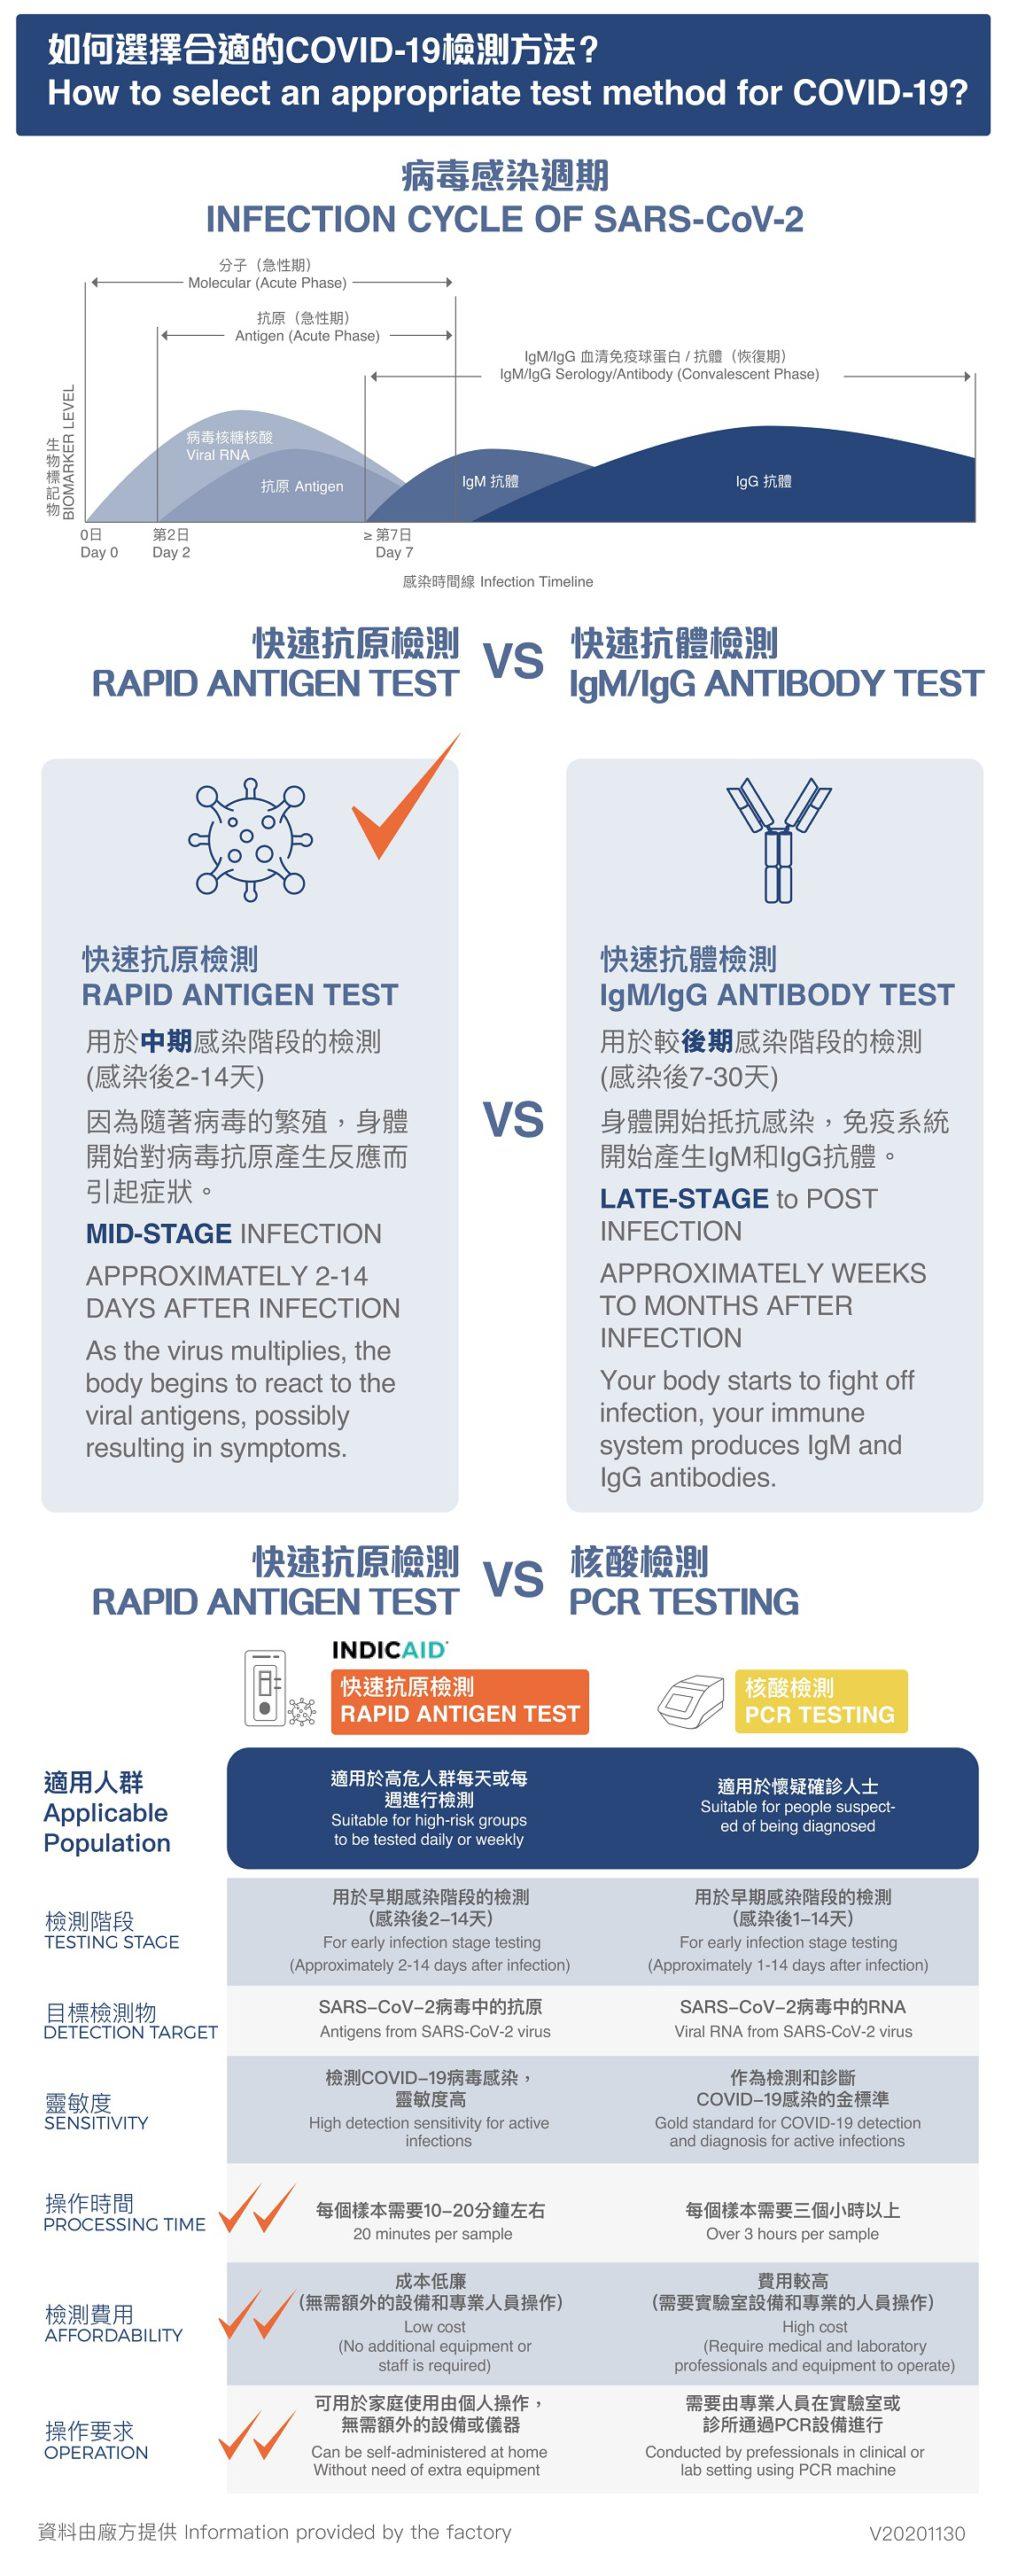 如何選擇合適的COVID-19檢測方法? 病毒感染週期 快速抗原檢測 RAPID ANTIGEN TEST vs 快速抗體檢測 IgM/IgG ANTIBODY TEST 用於中期感染階段的檢測 快速抗原檢測 vs 核酸檢測 適用人群 | 檢測階段 | 目標檢測物 | 靈敏度 | 操作時間 | 檢測費用 | 操作要求